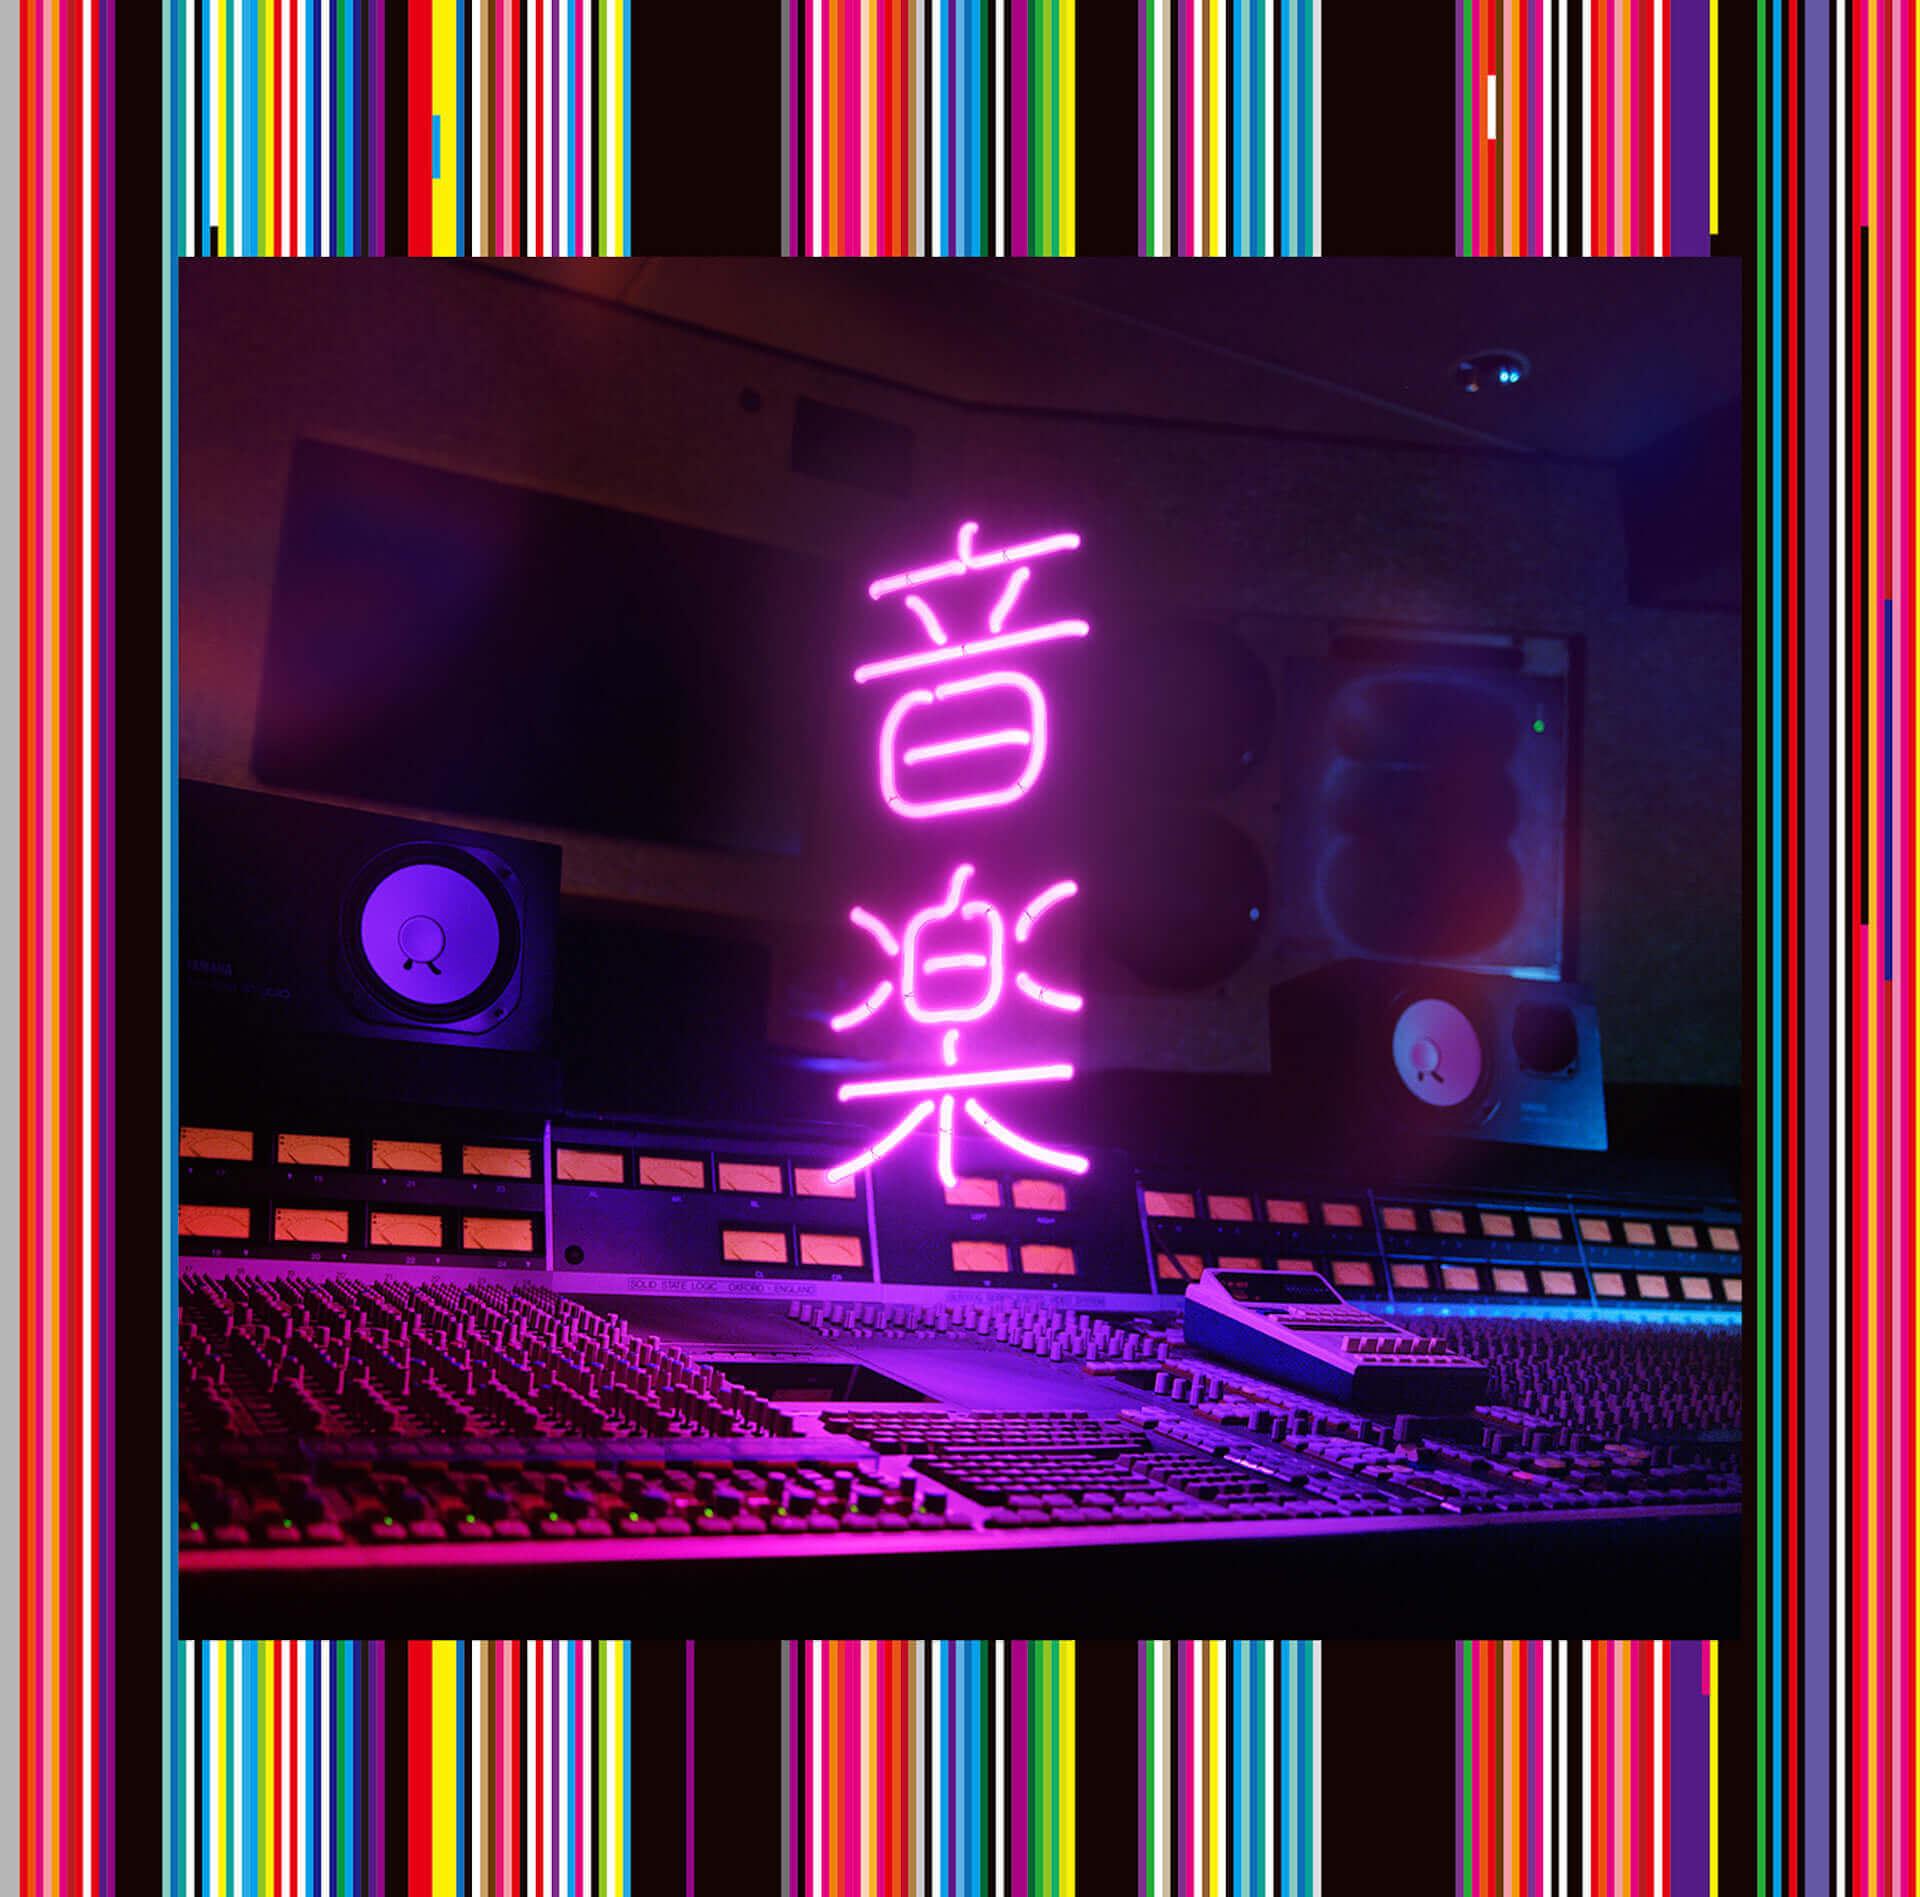 """東京事変の新曲""""緑酒""""のミュージックビデオが解禁!児玉裕一が監督「堂々としててかっこいいです」 music210512_tokyoincident_mv_13"""